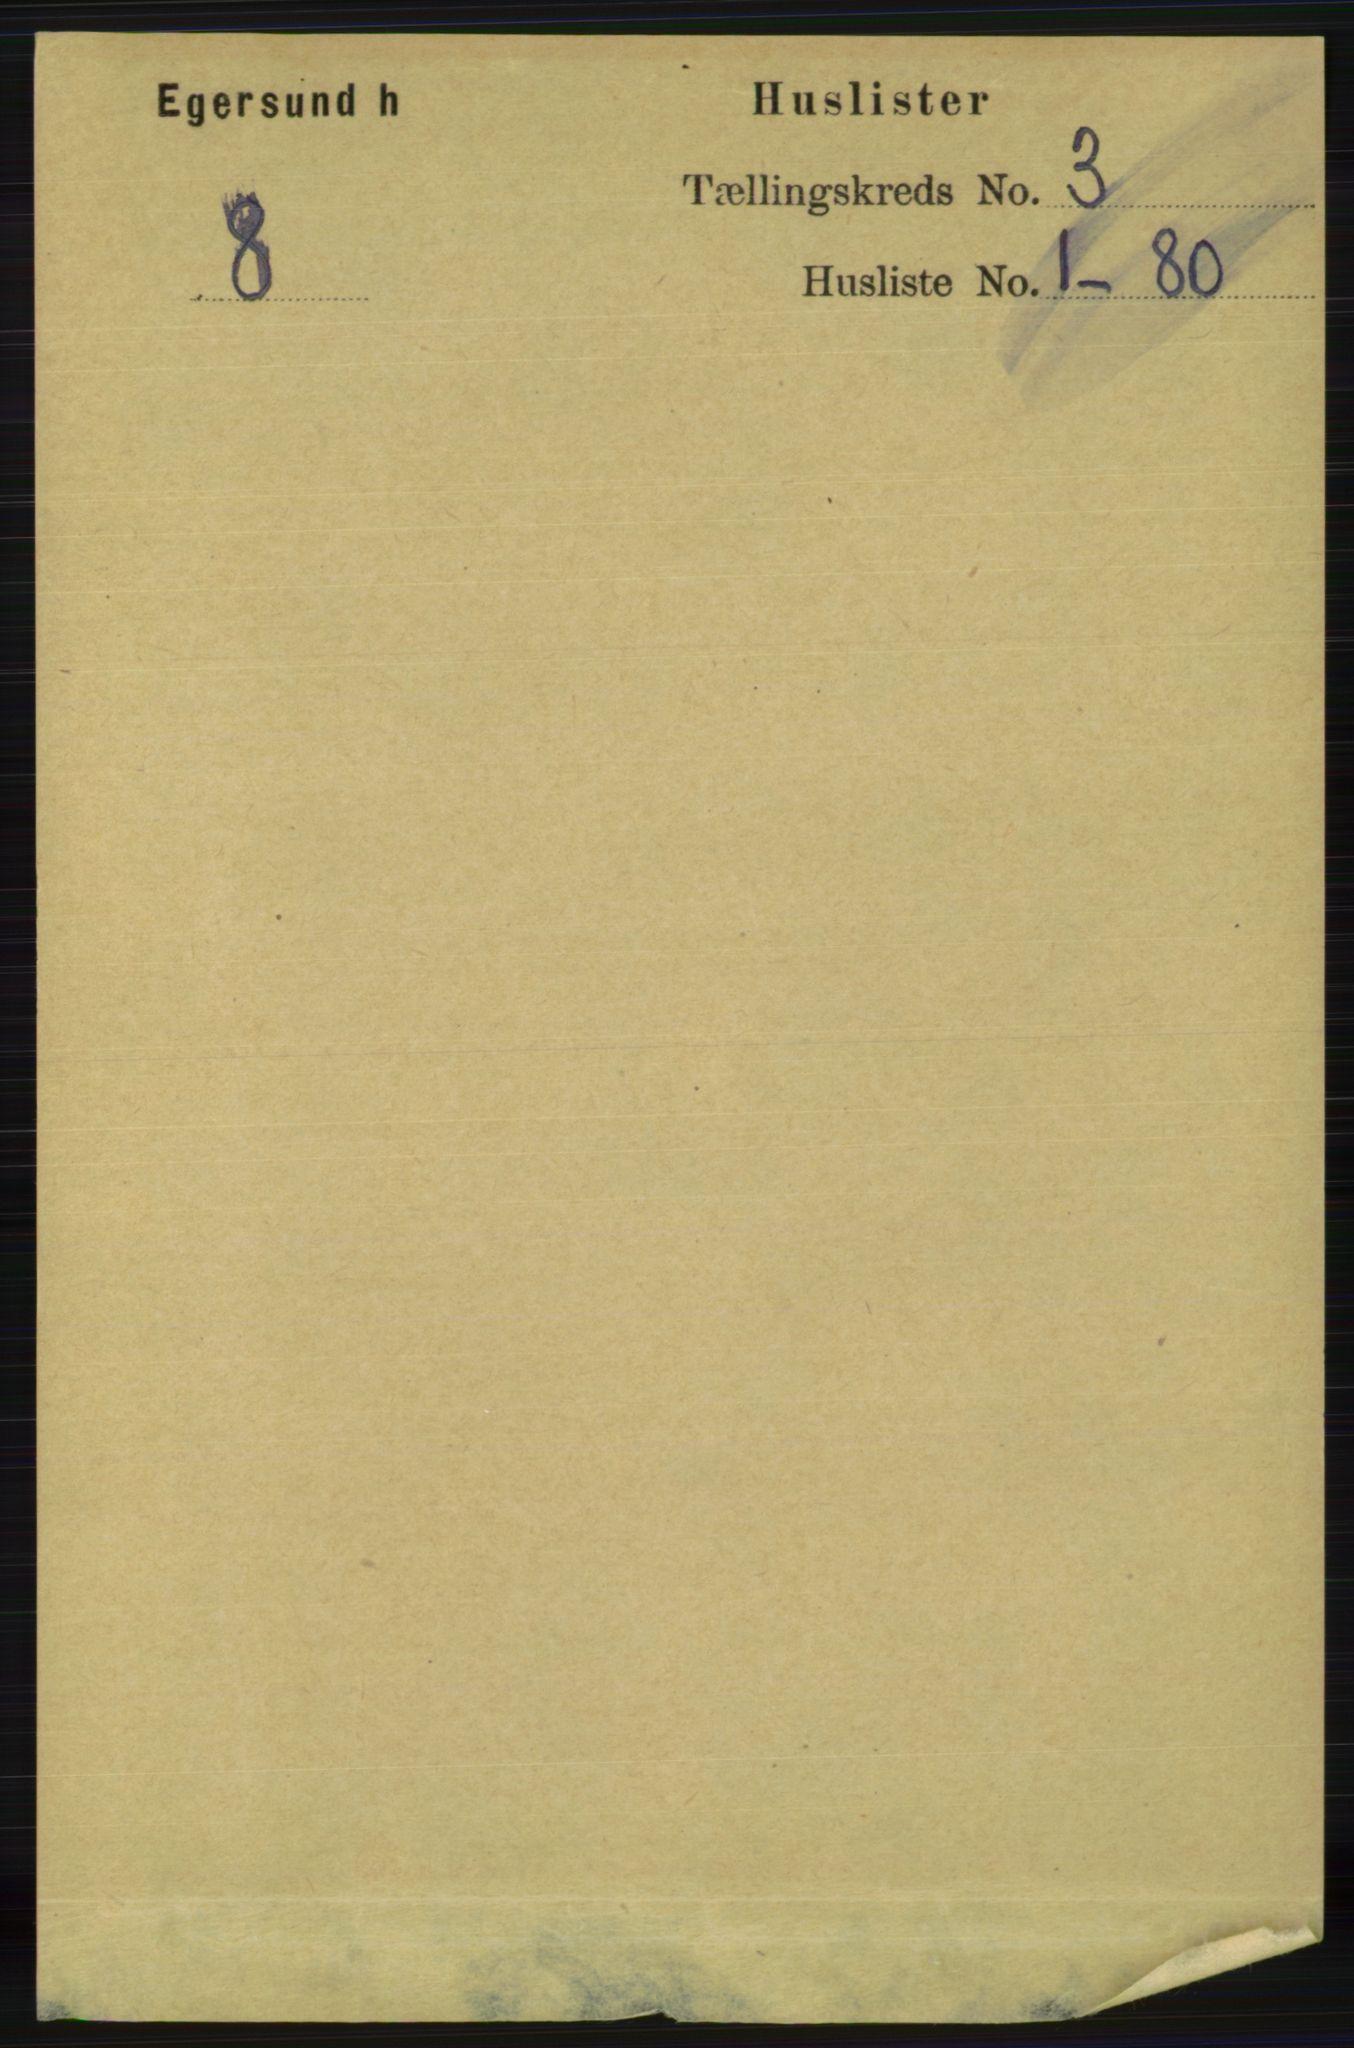 RA, Folketelling 1891 for 1116 Eigersund herred, 1891, s. 900